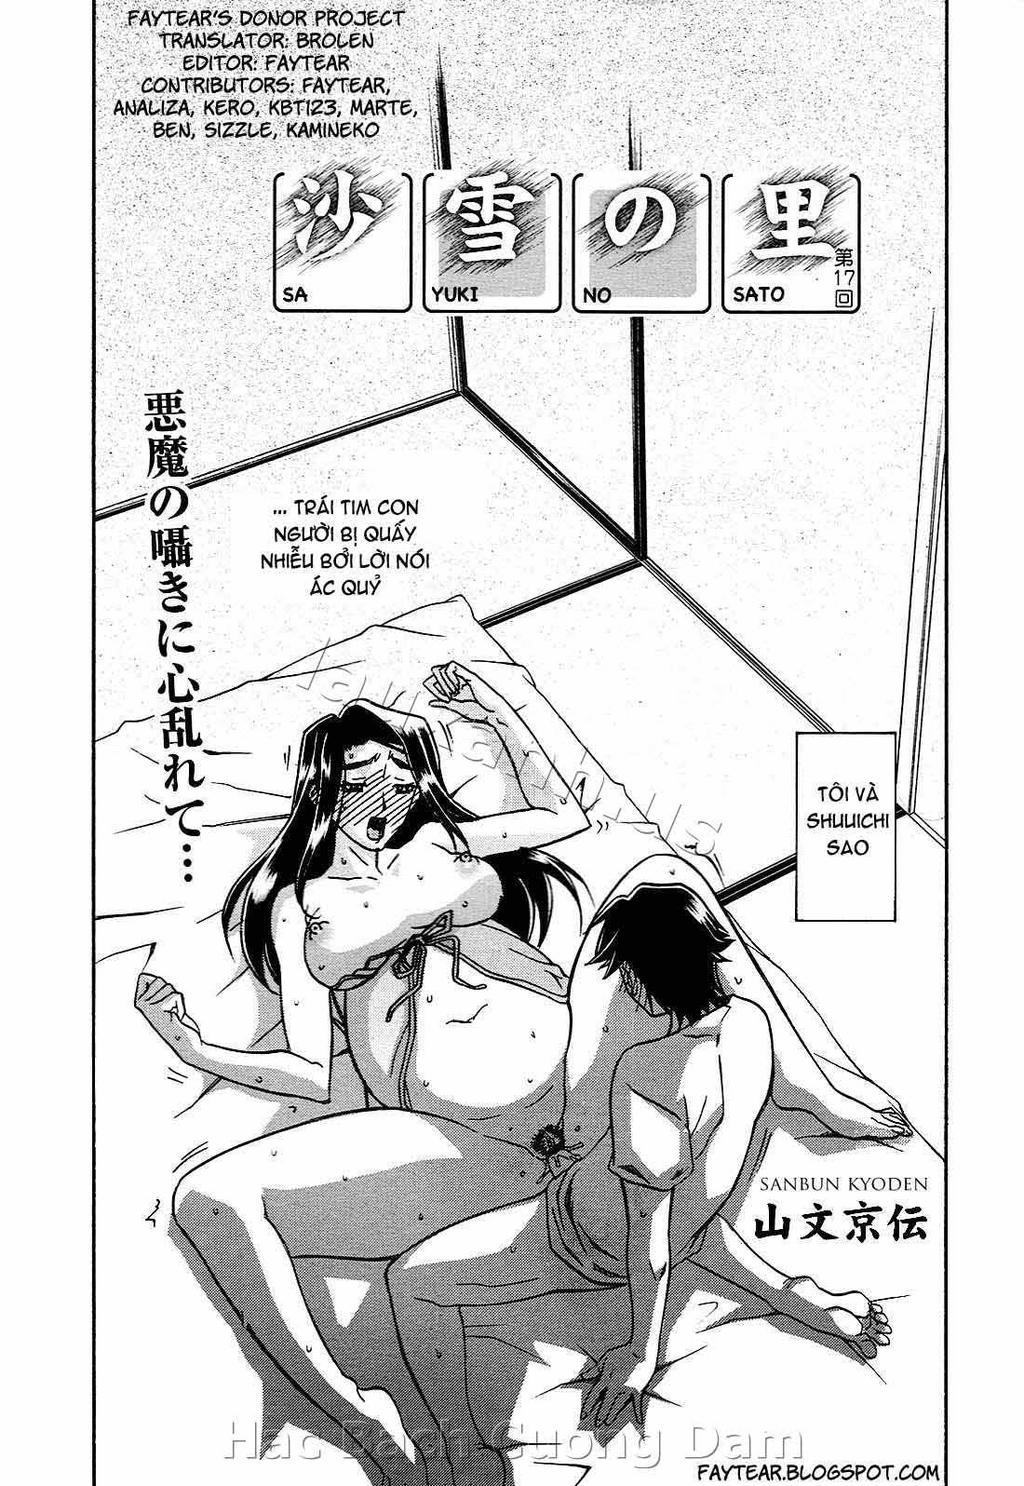 Hình ảnh hentailxers.blogspot.com0114 trong bài viết Manga H Sayuki no Sato